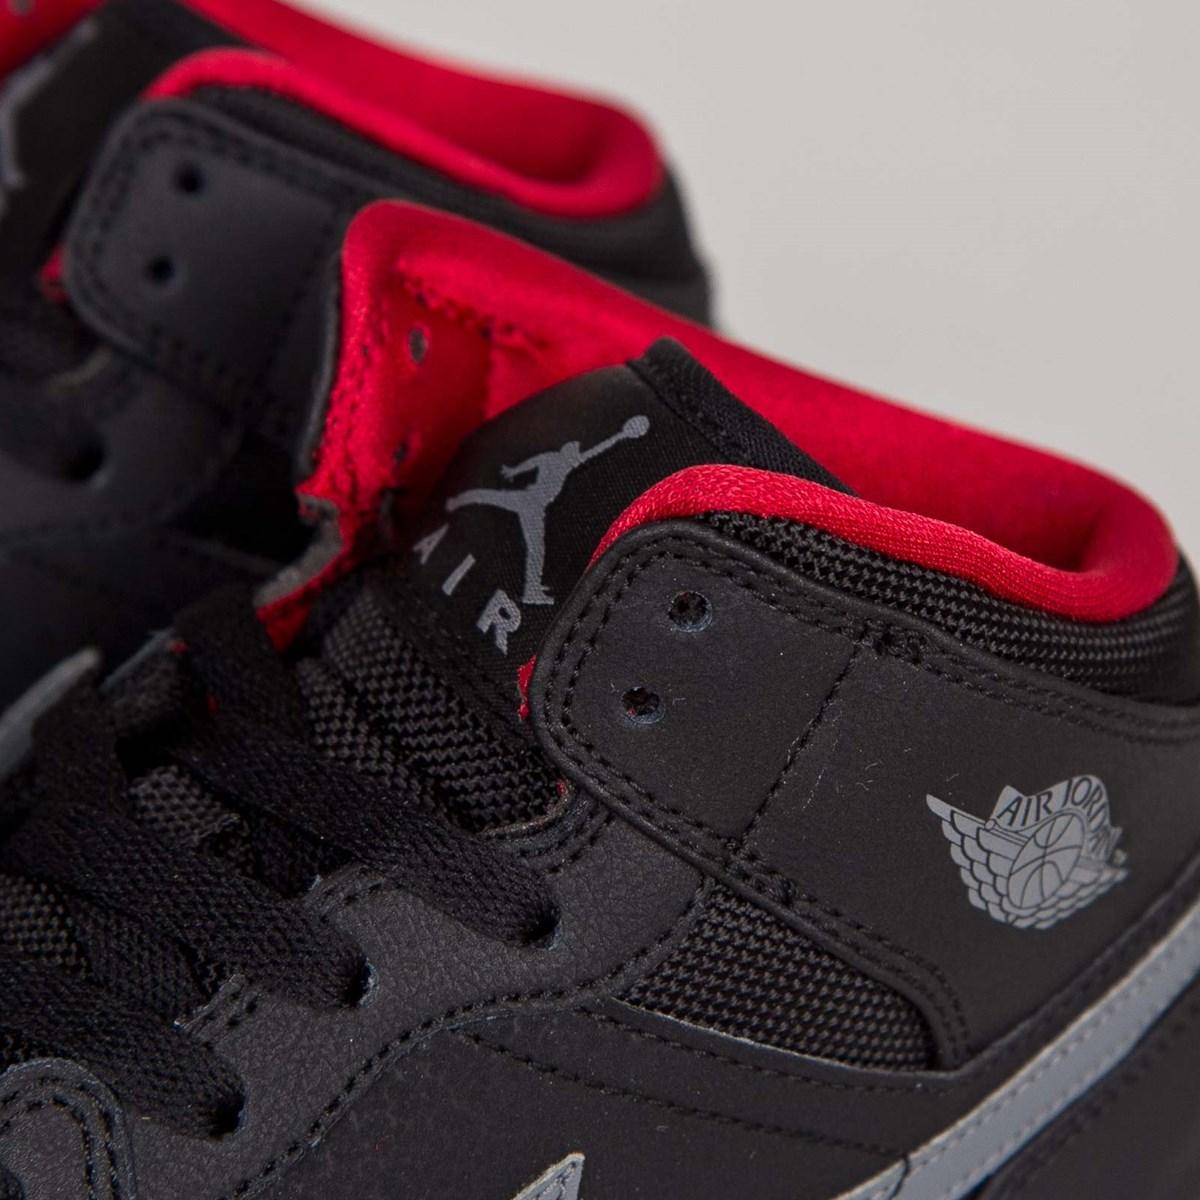 Jordan Brand Air Jordan 1 Mid (GS) 554725 034